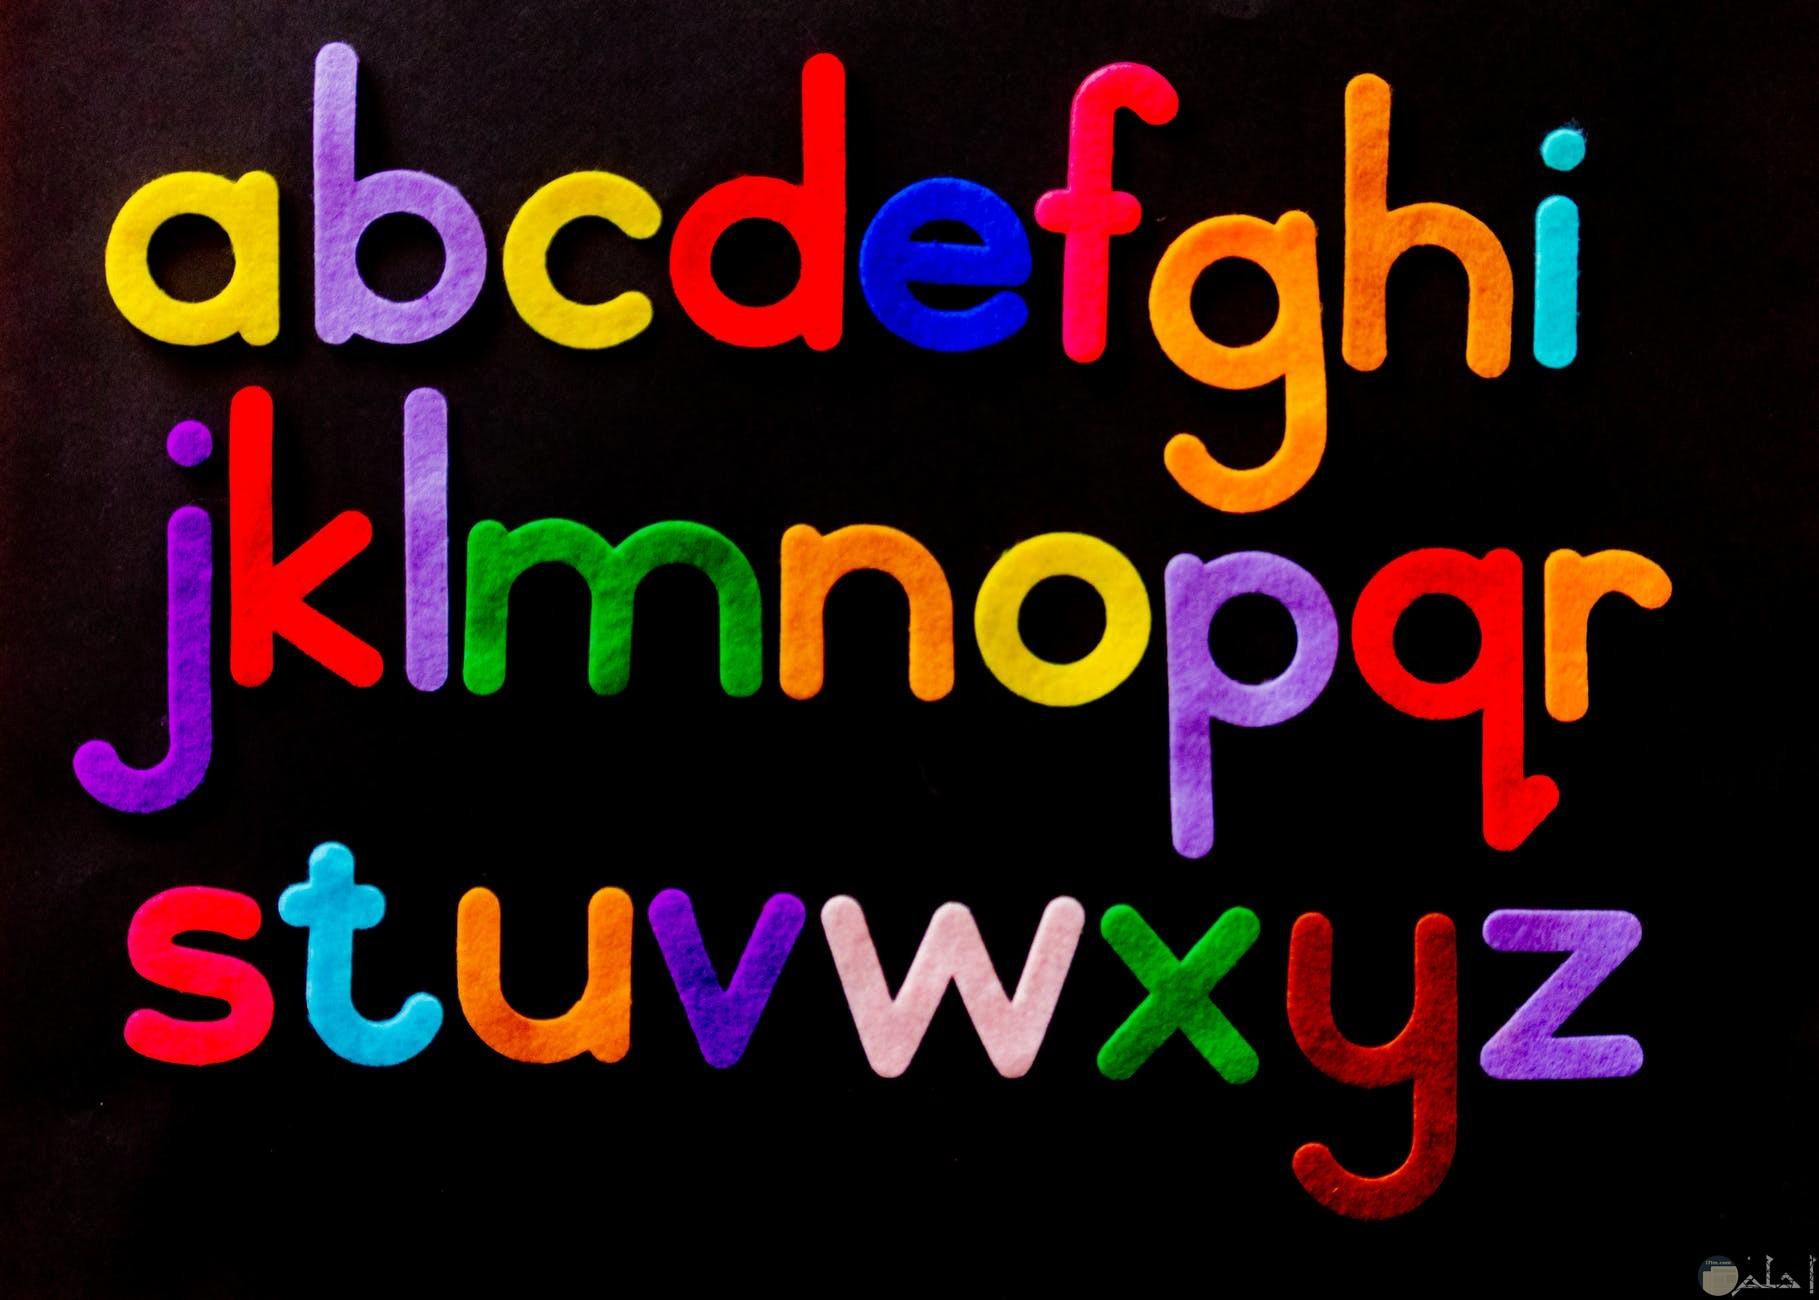 حروف الانجليزي الملونه